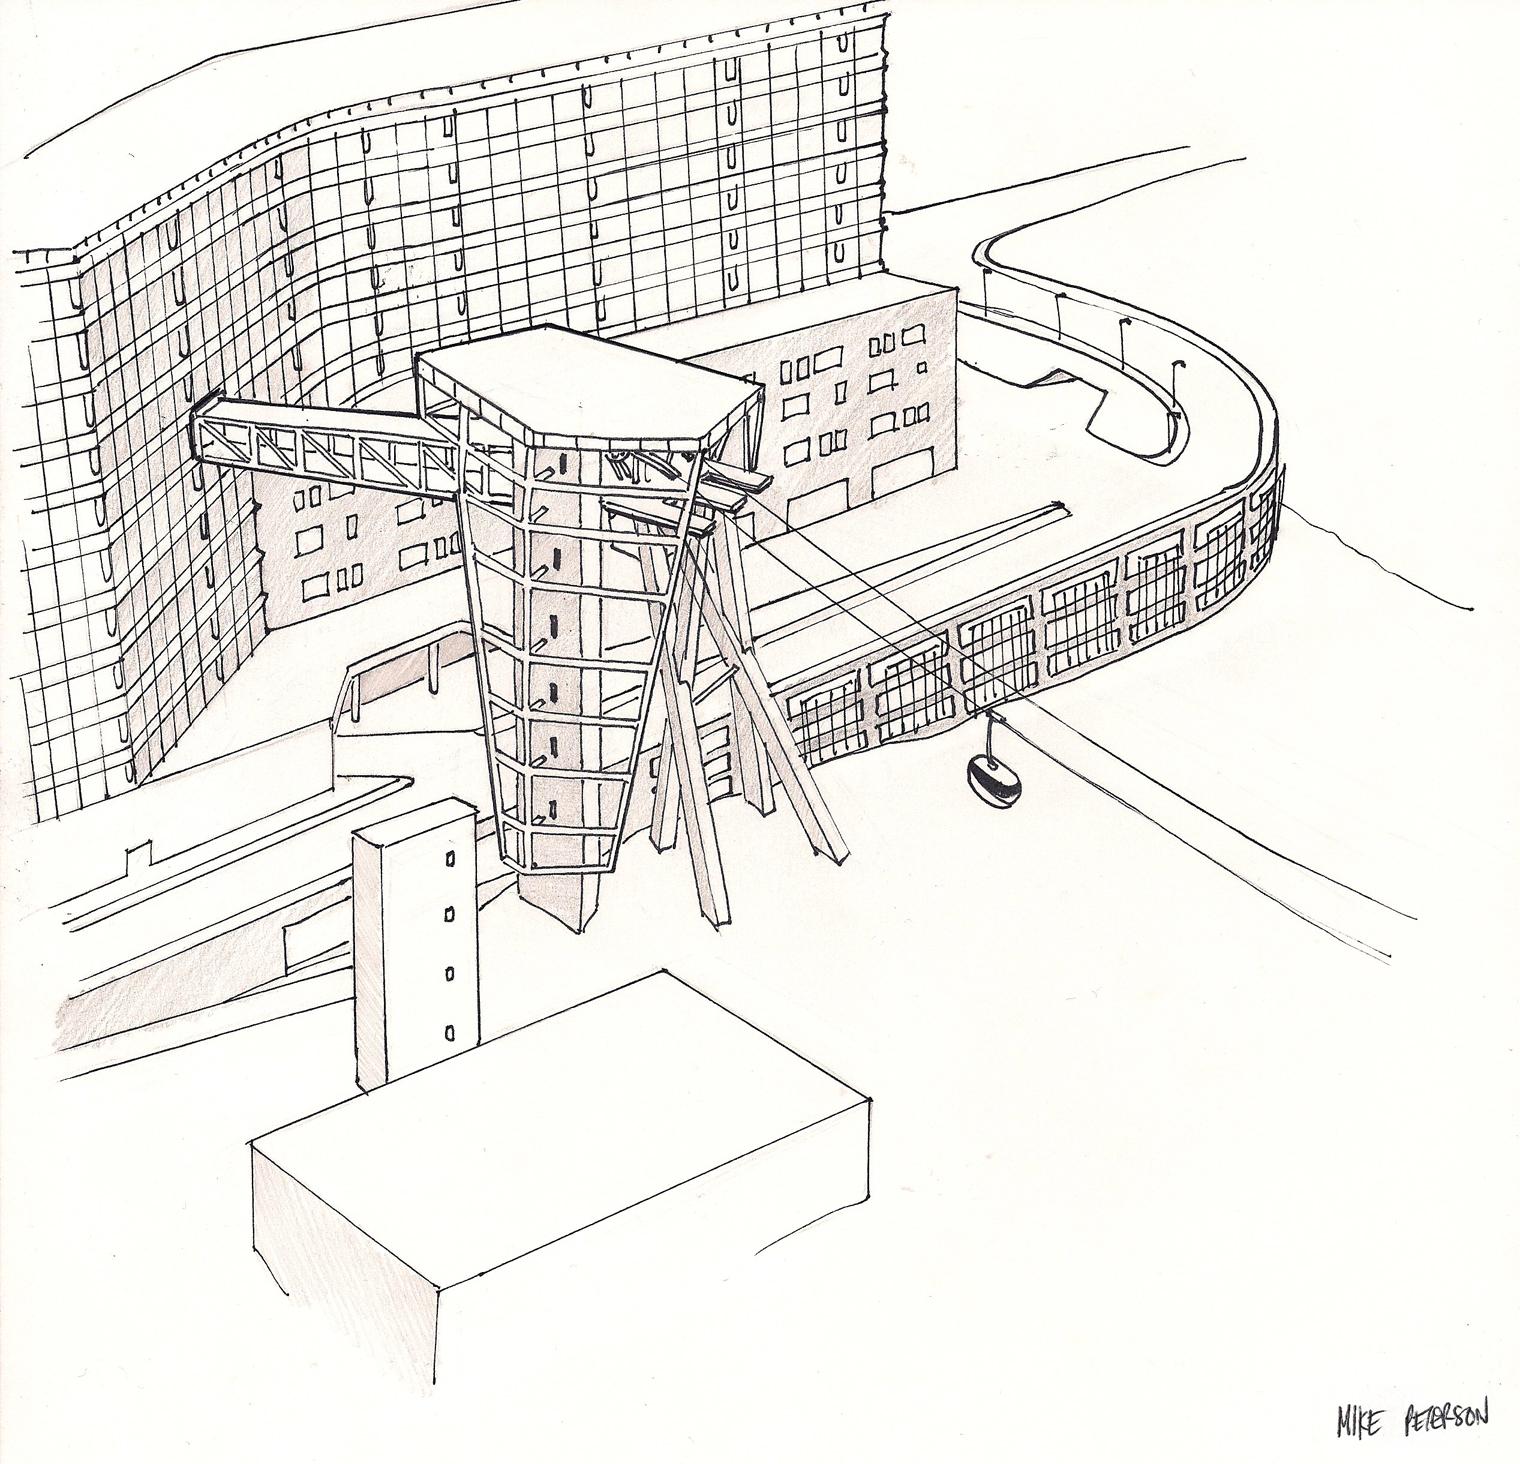 etl architecture diagram